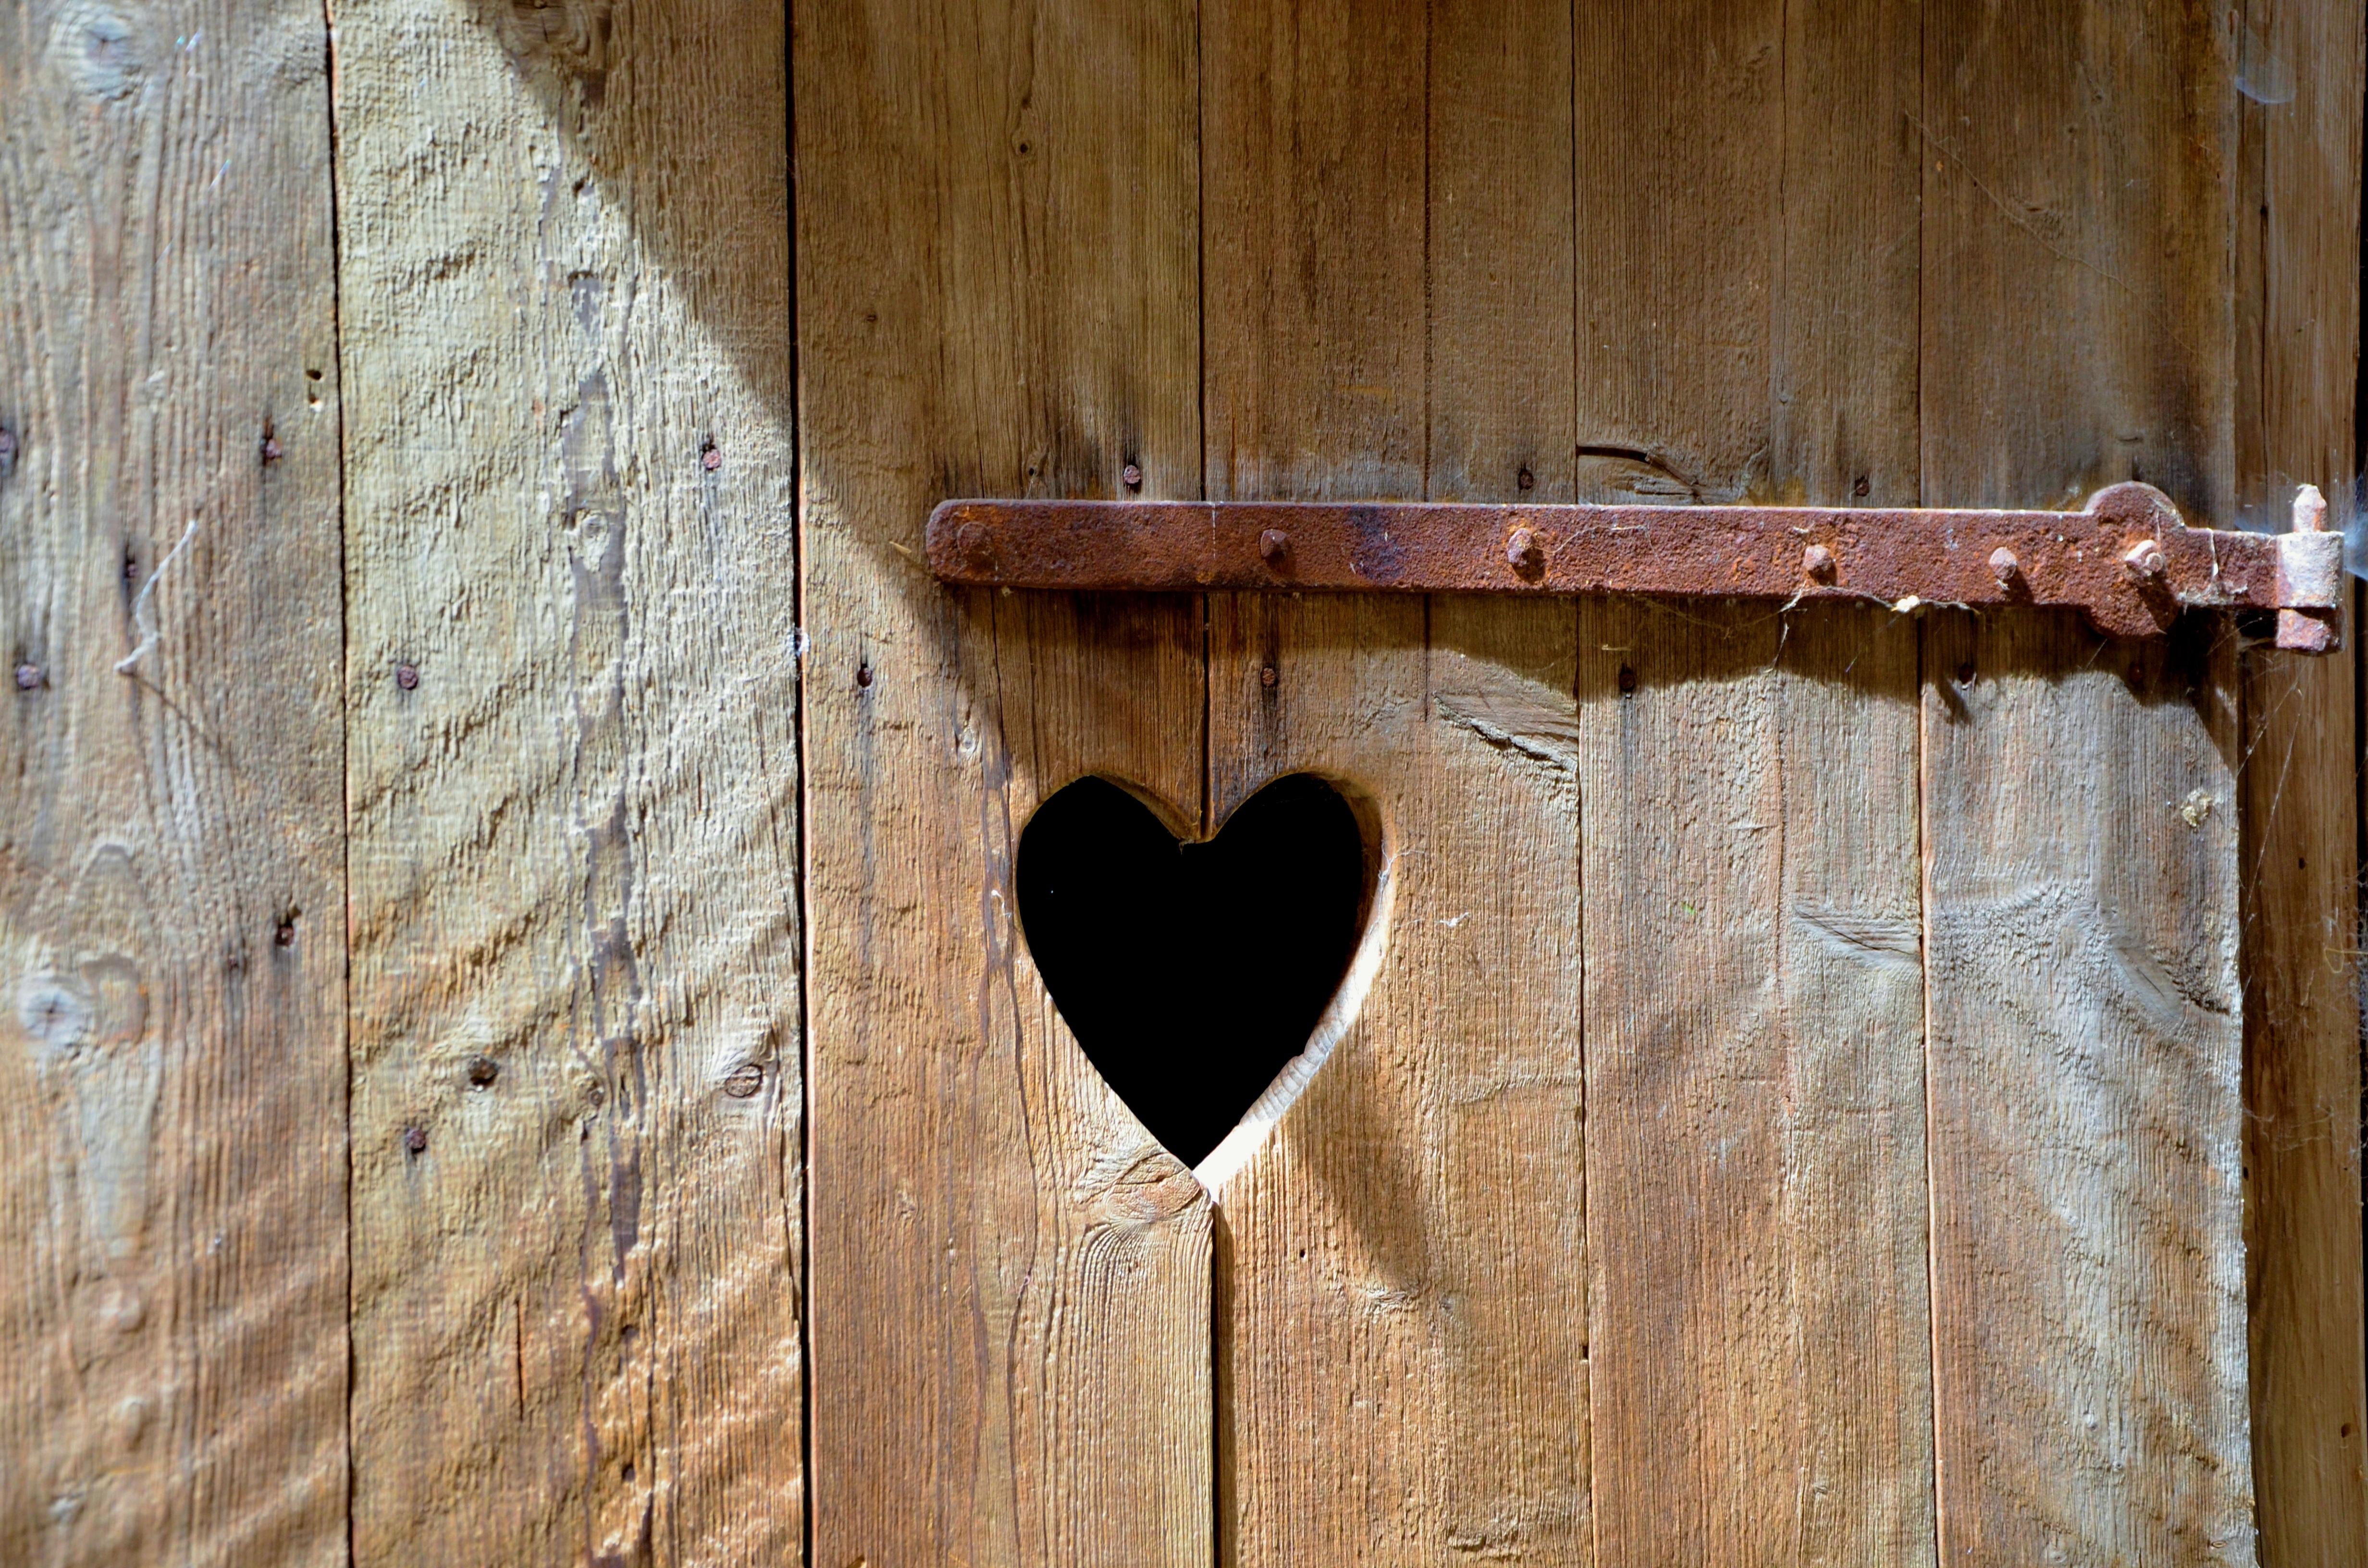 wing wood old wall heart toilet furniture door wooden door rusty carving old door & Free Images : wing wood wall heart toilet furniture wooden ...